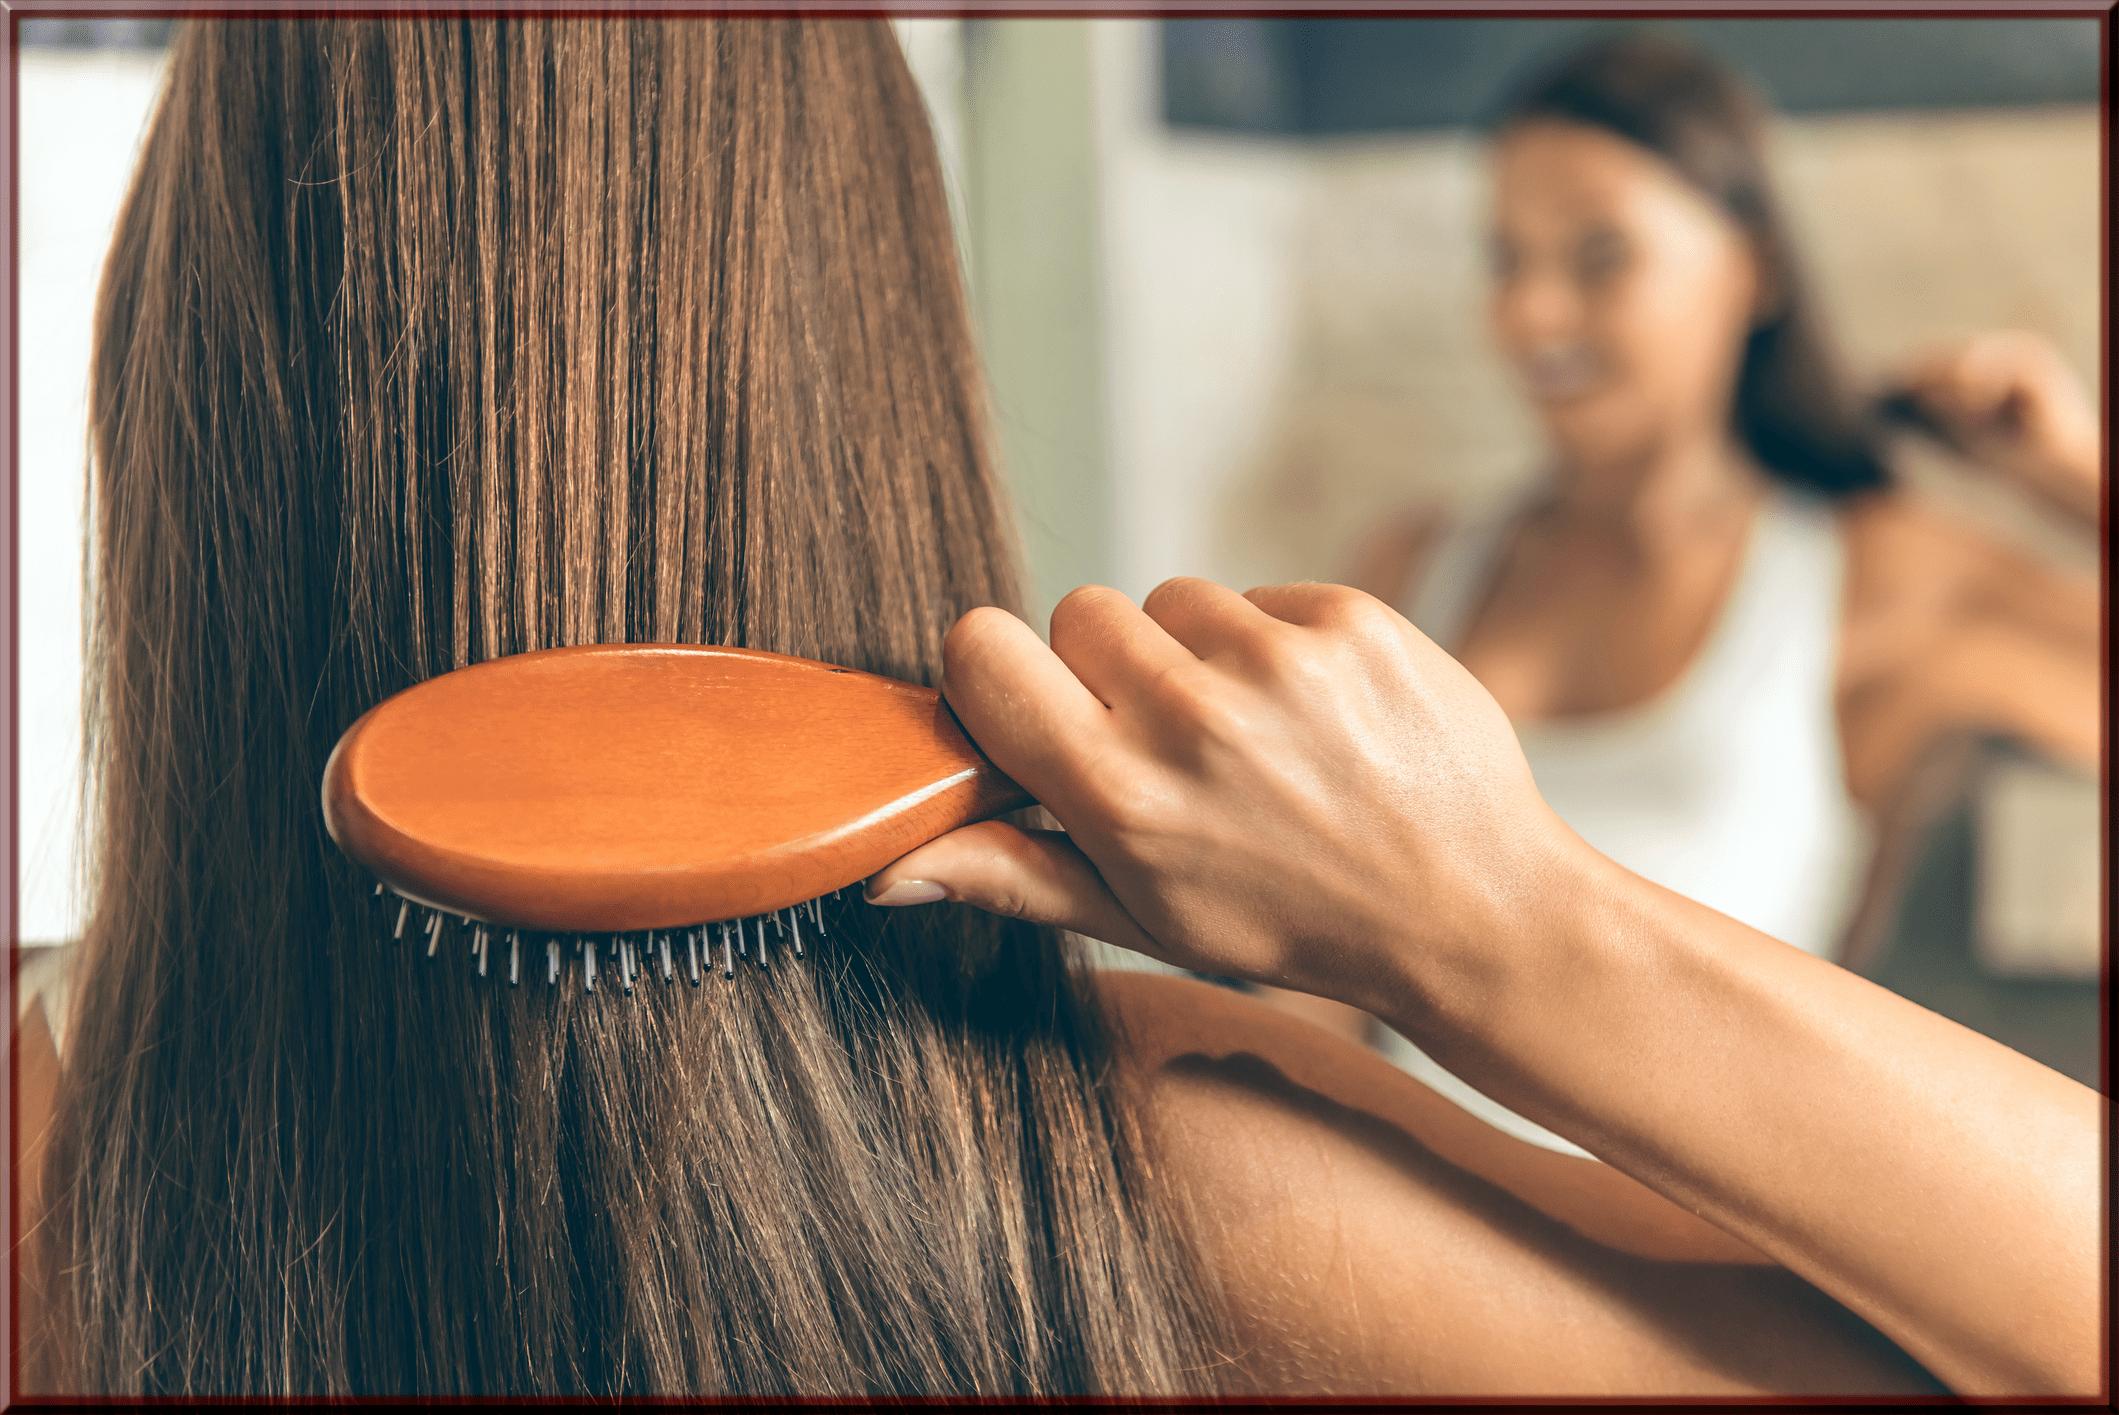 prep your hair before applying dye